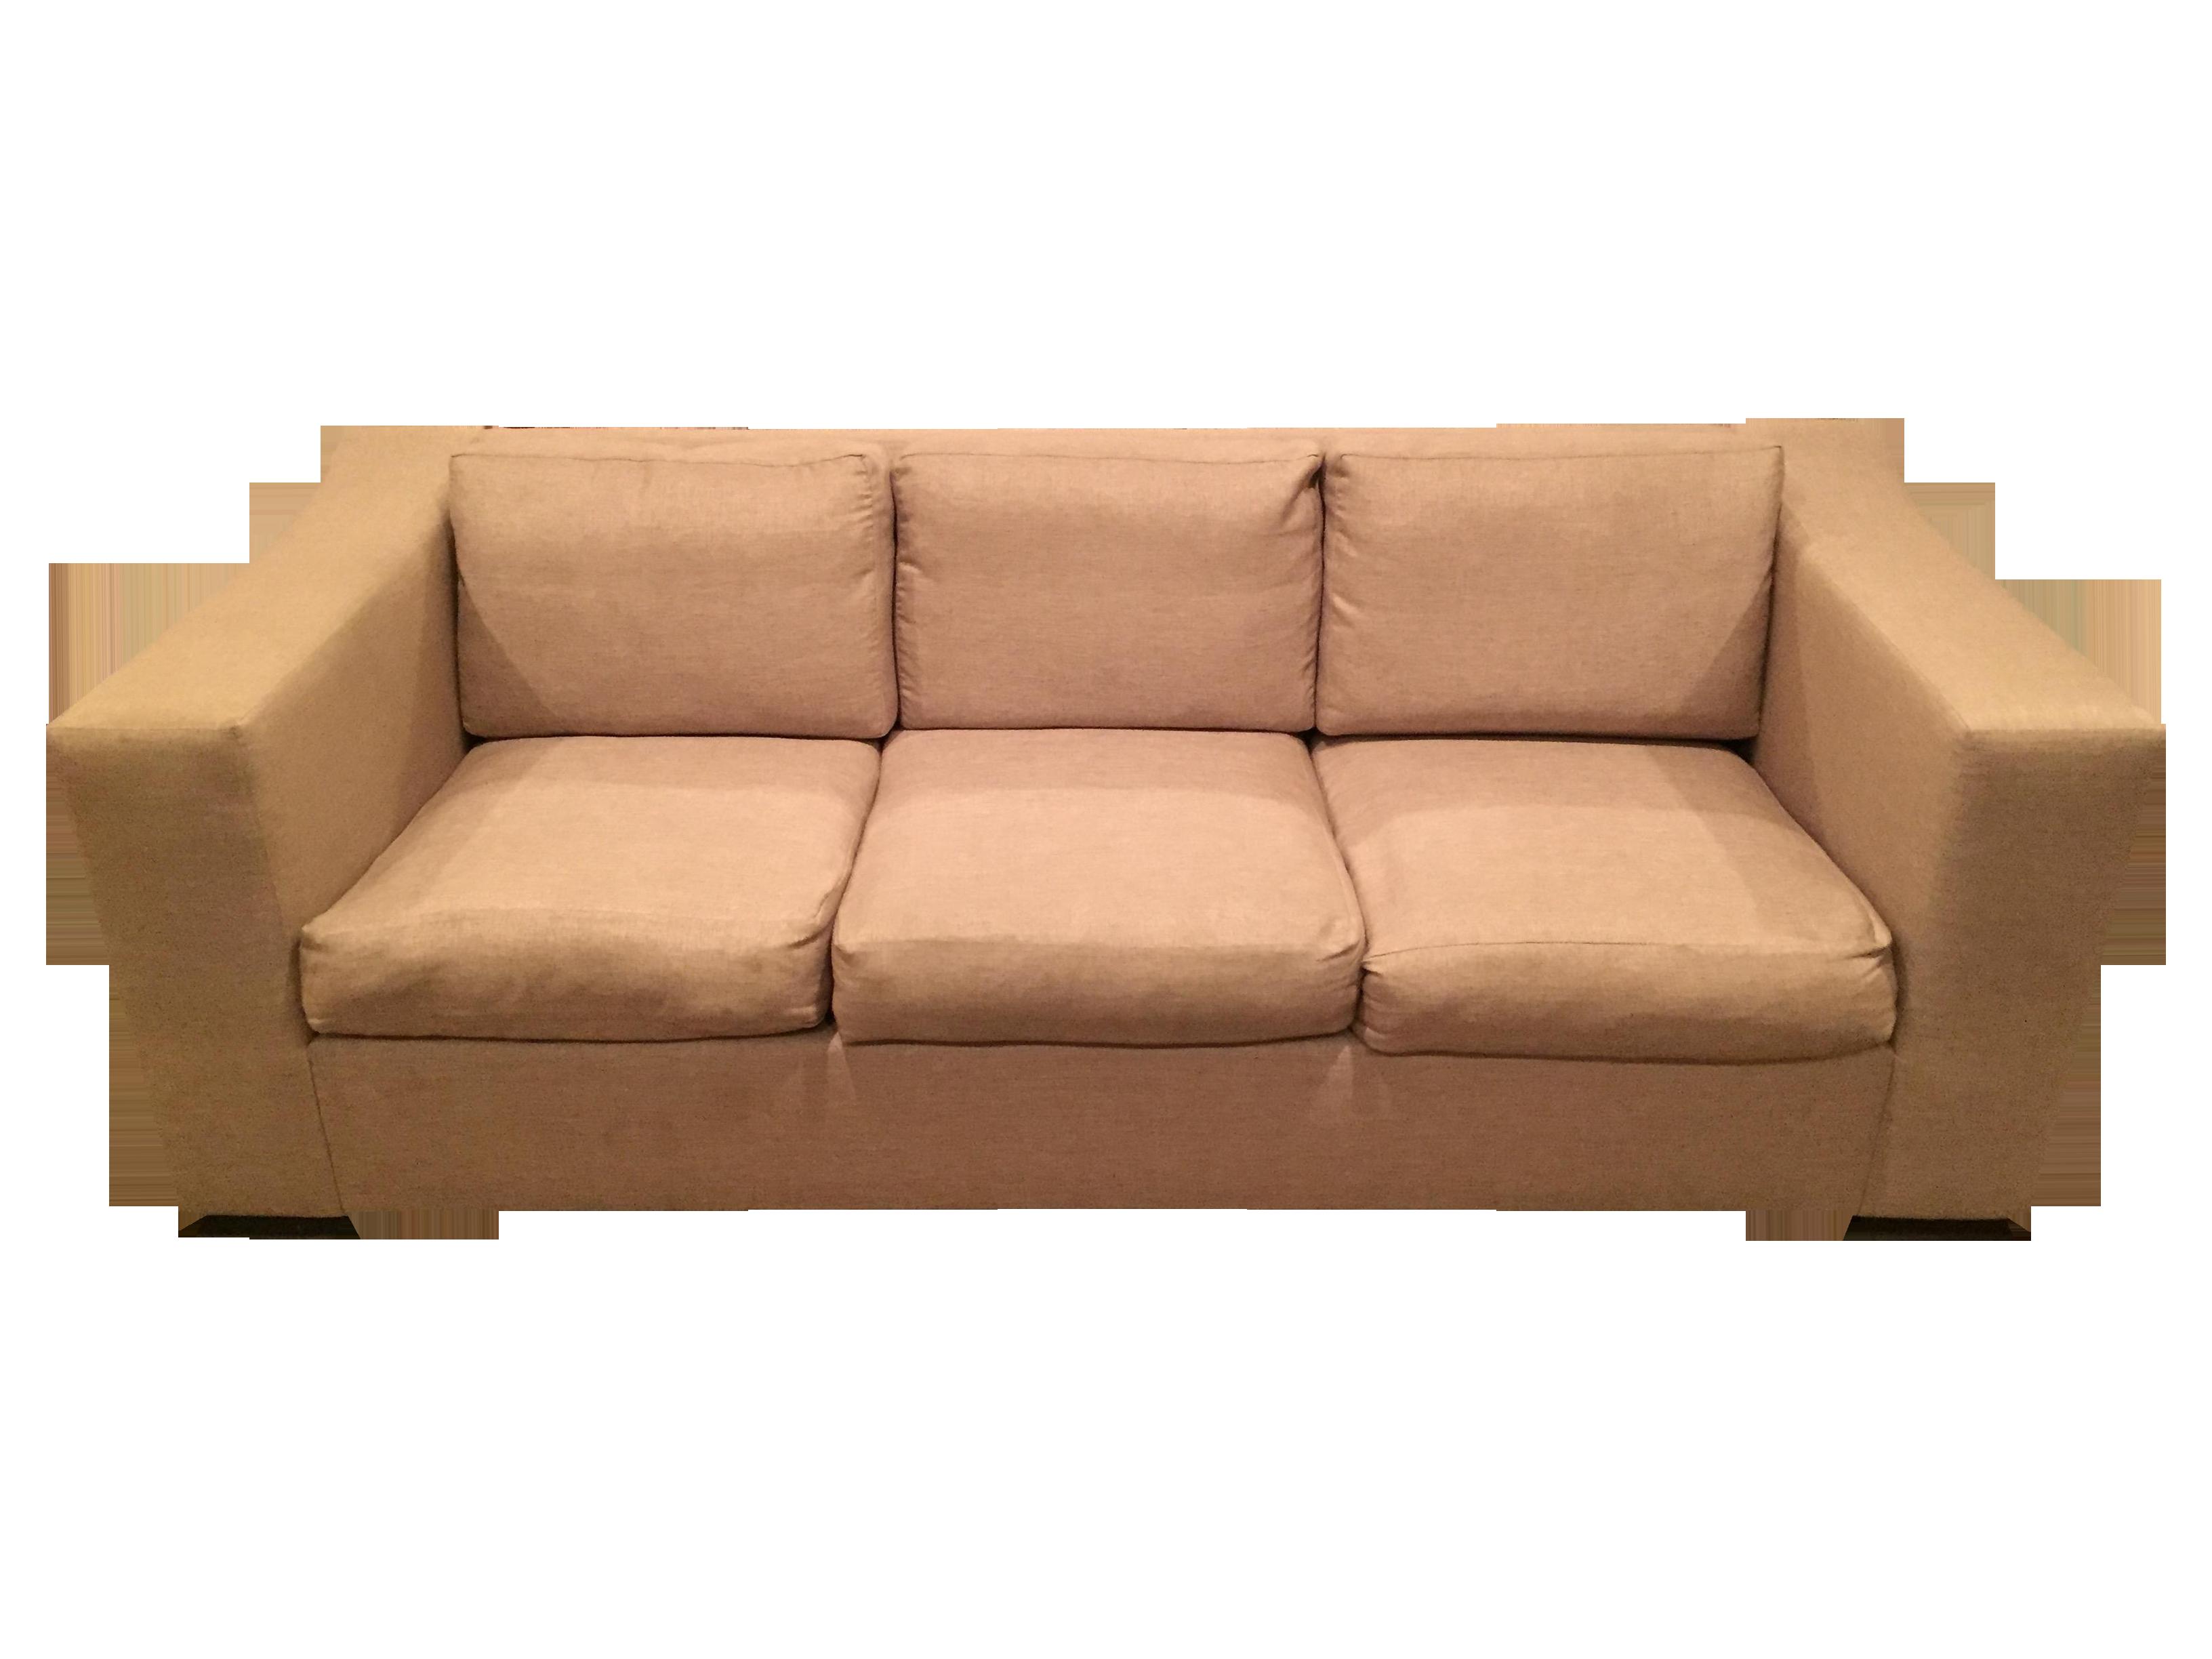 Luxury Sofa with Throw Pillows